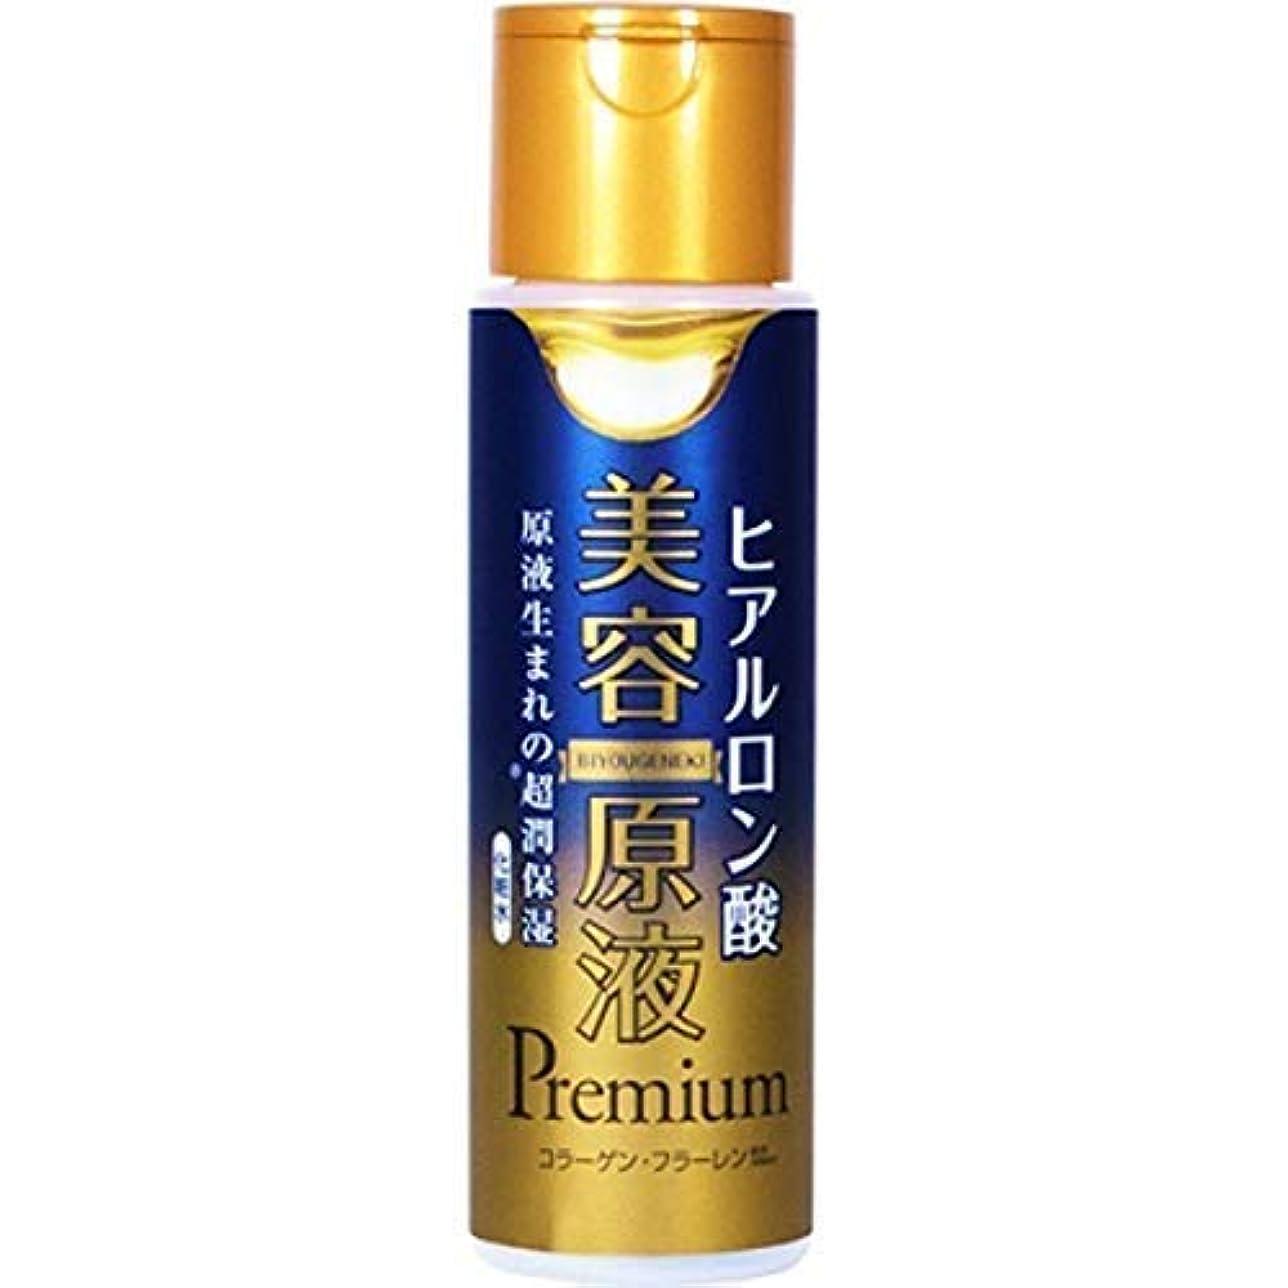 天のお酒週末美容原液 超潤化粧水 コラーゲン&ヒアルロン酸 185mL (化粧水 ローション 高保湿)